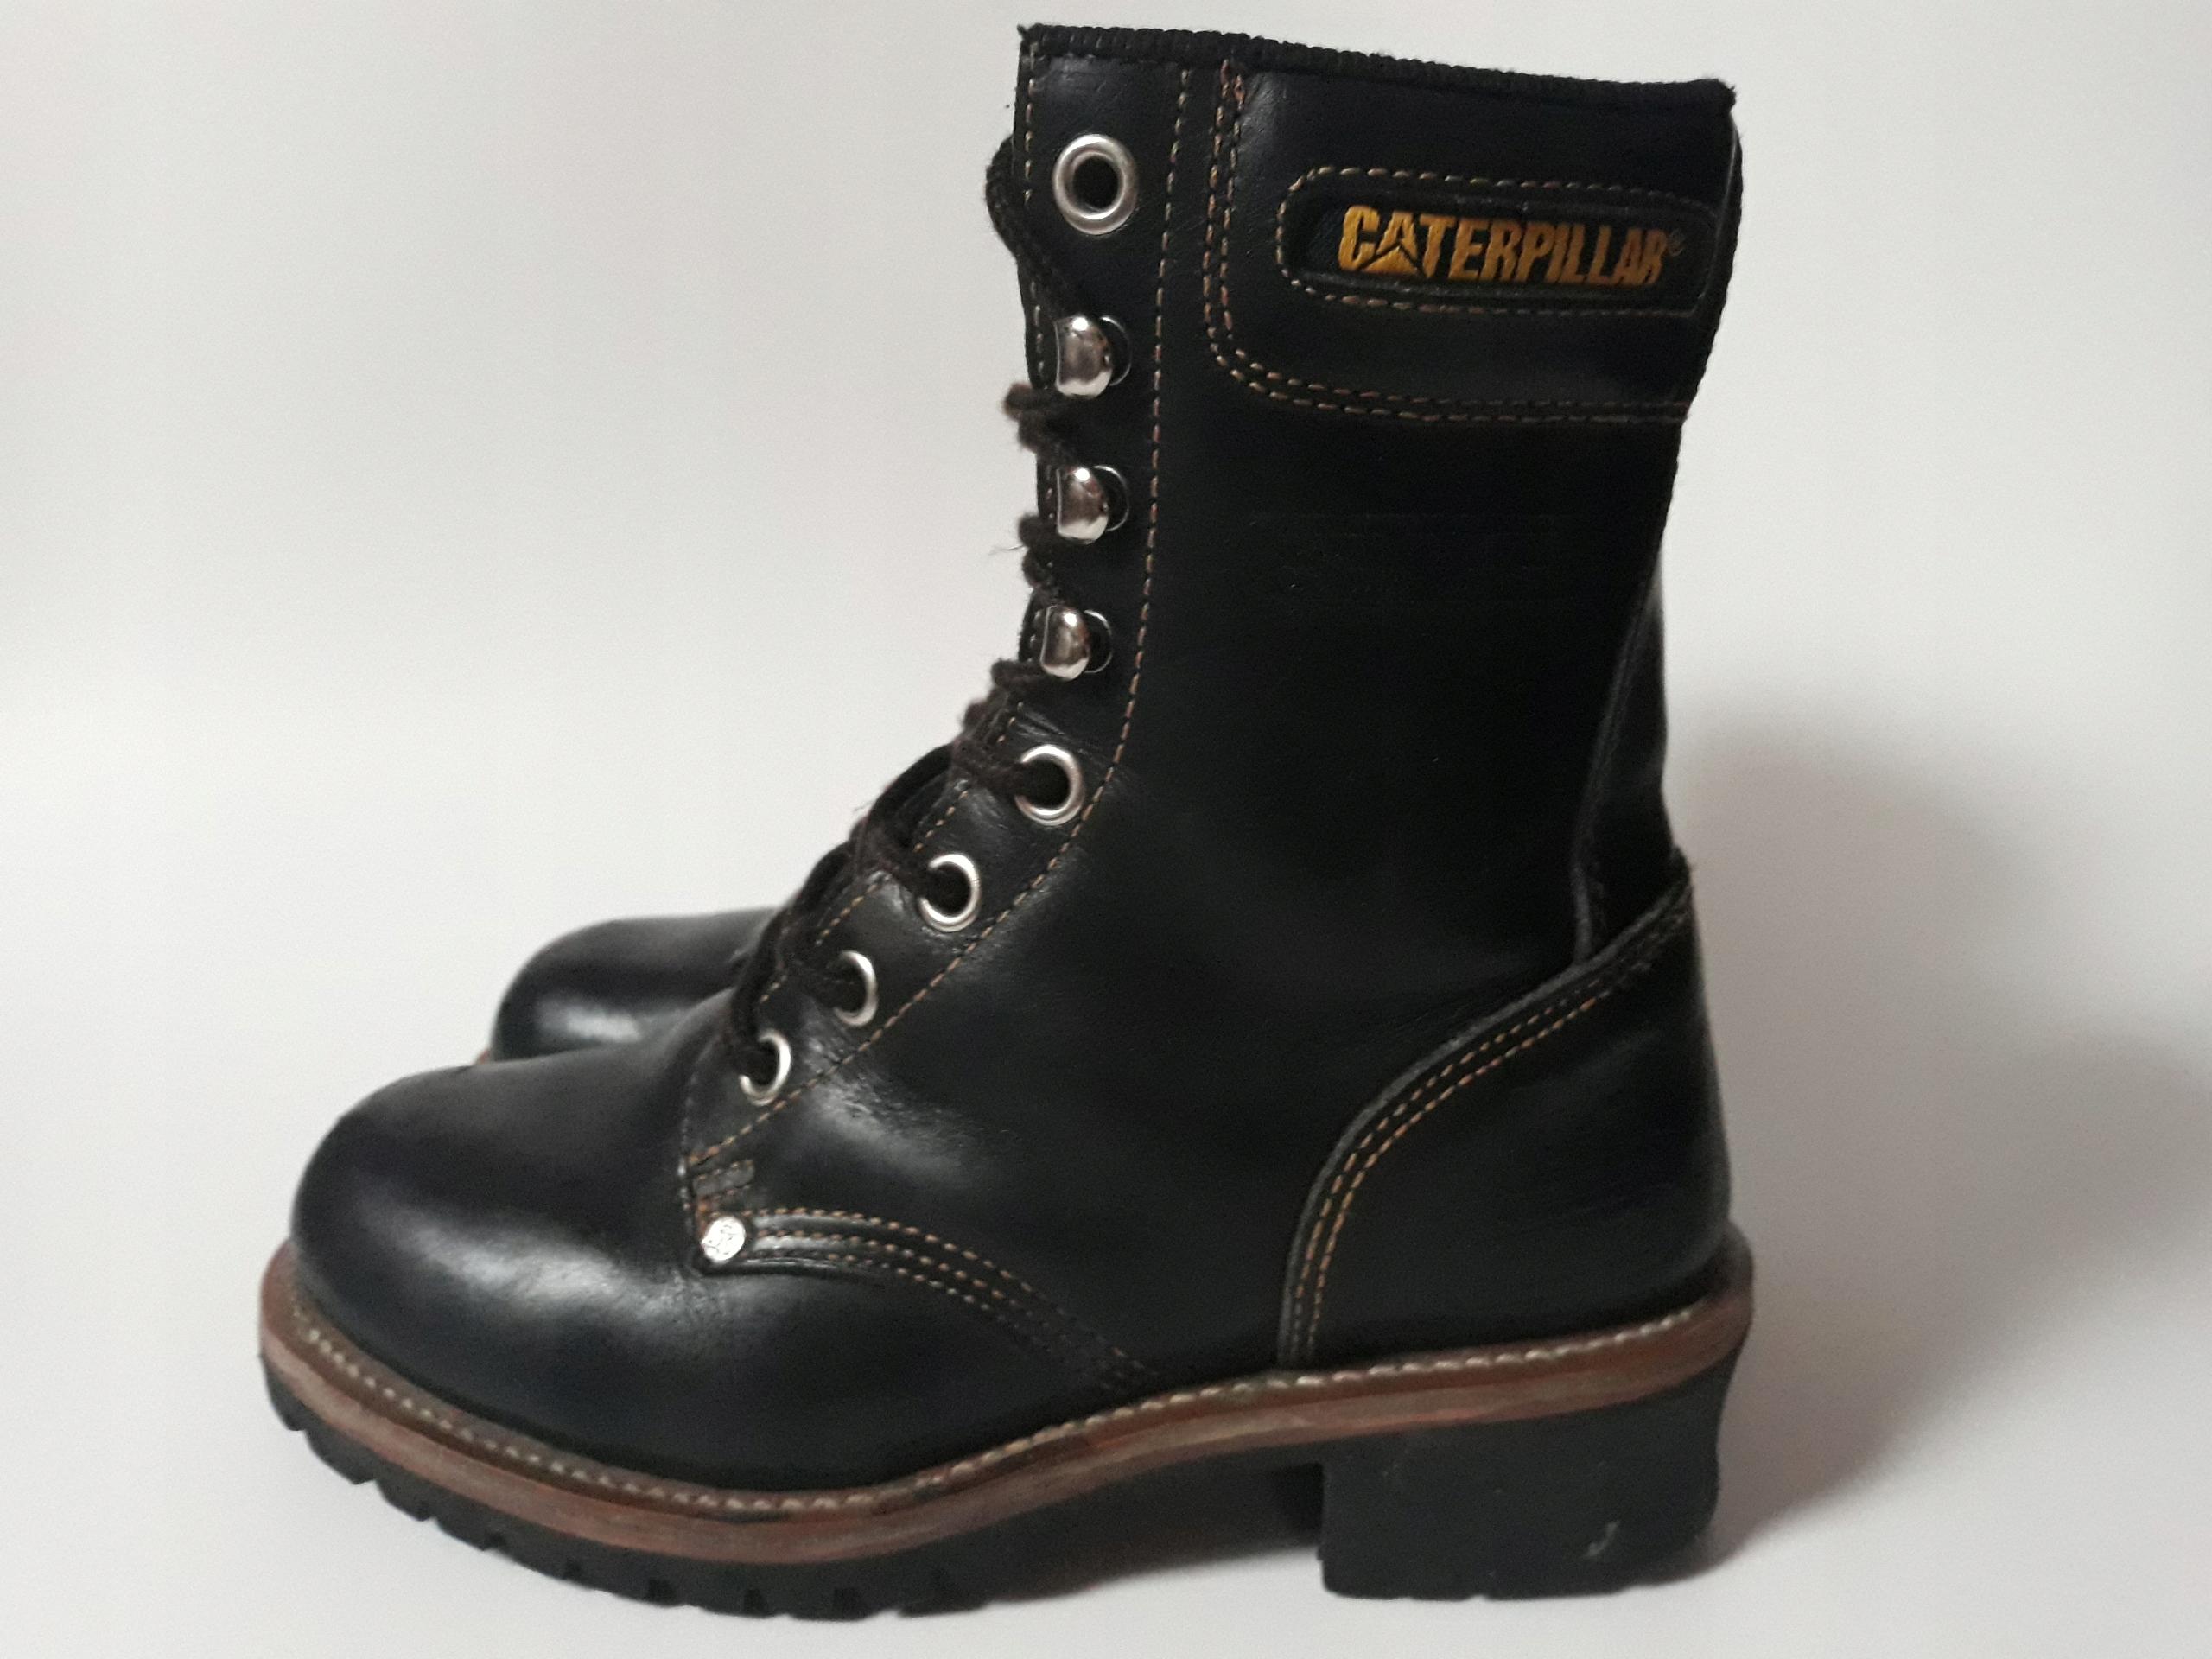 0c653ab74a8b9 Caterpillar buty damskie 37 jak nowe skóra trzewik - 7683202532 ...